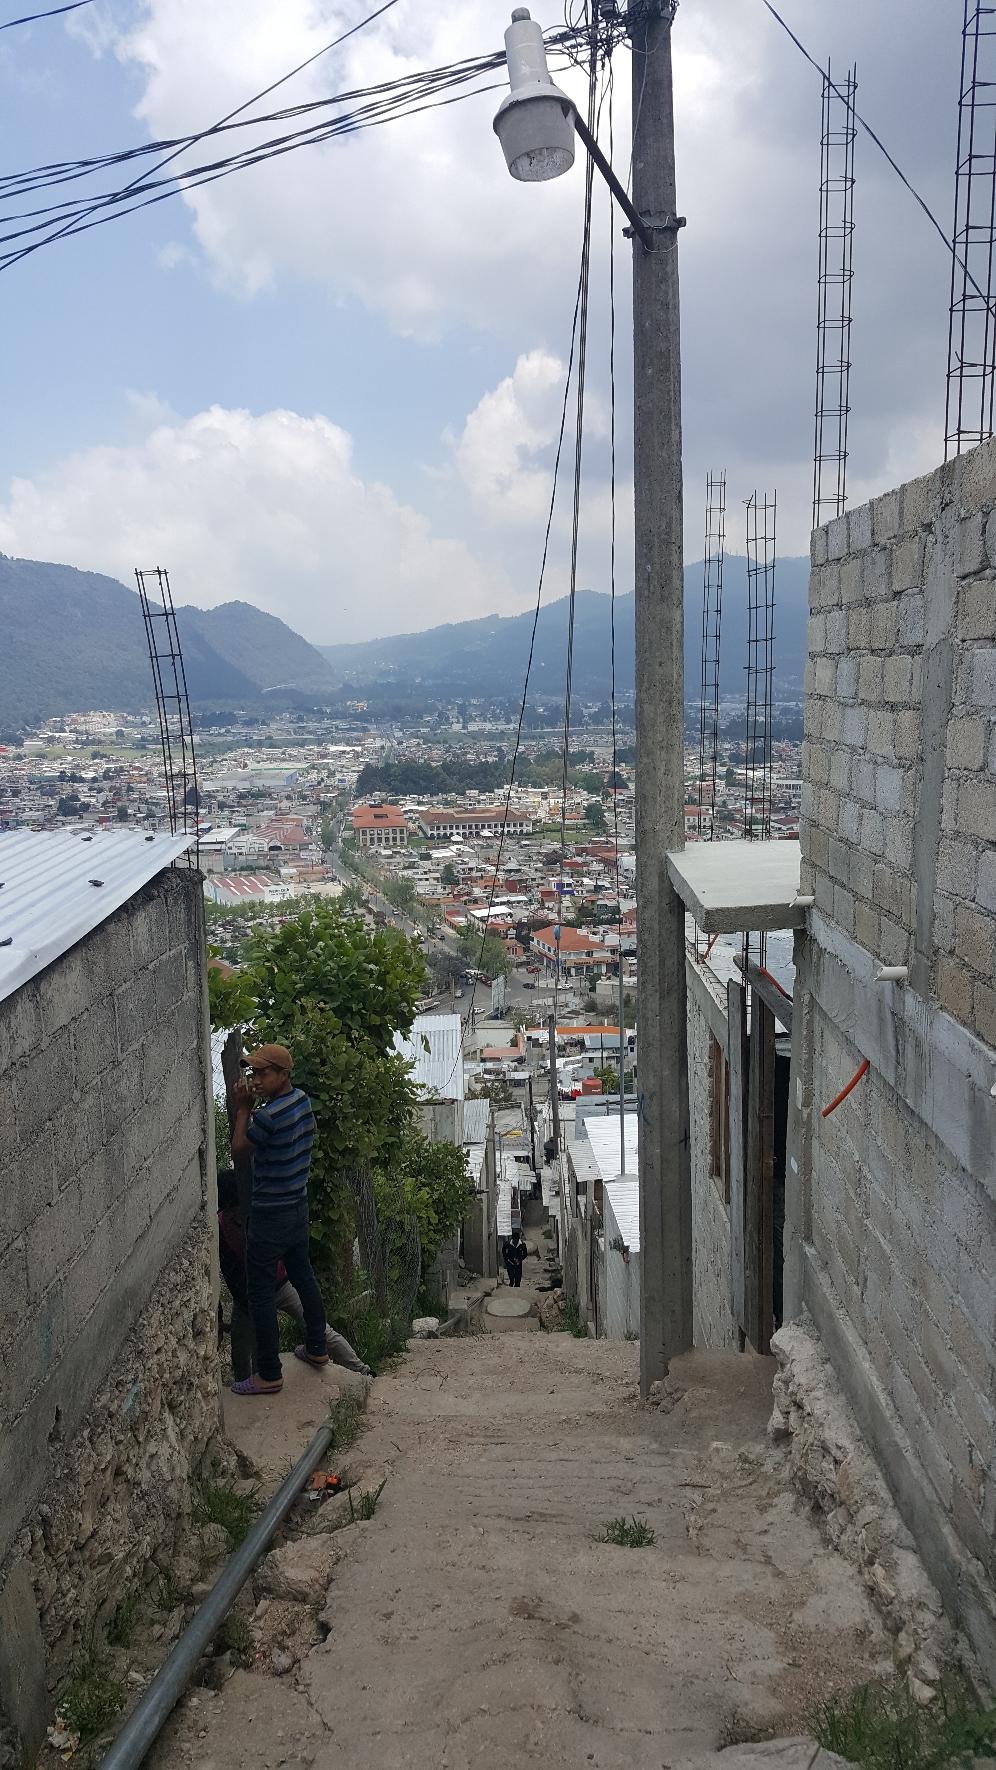 Die Sicht auf die Stadt von etwas außerhalb